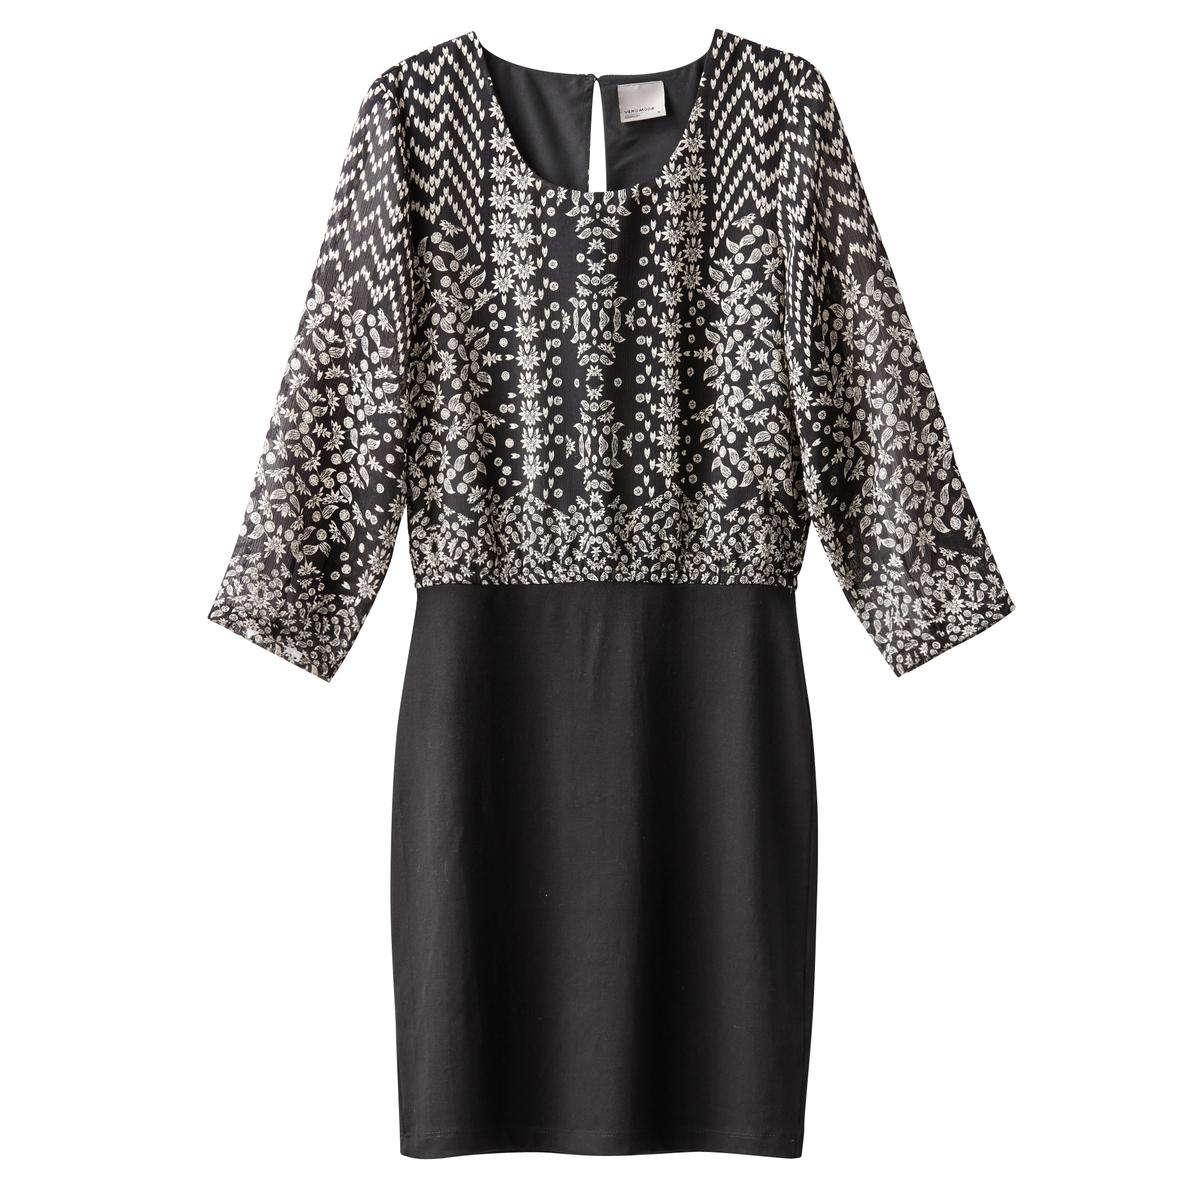 Платье VMJOLEYN 3/4 SHORT DRESS BOOSСостав и описание :Материал : 100% полиэстерМарка : VERO MODA<br><br>Цвет: черный